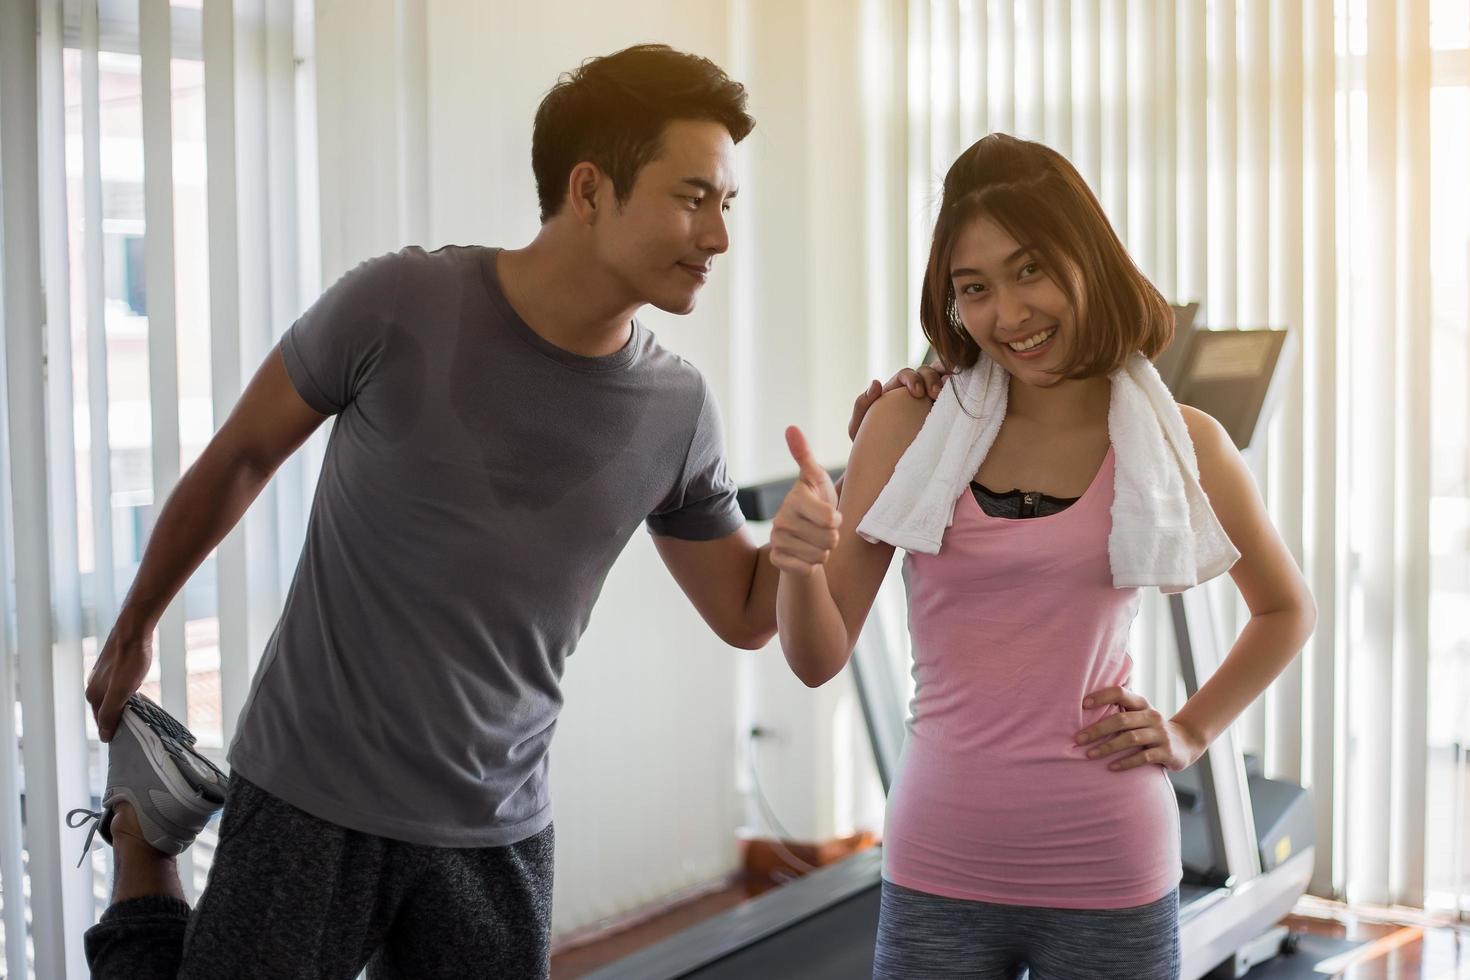 twee volwassenen trainen in de sportschool foto